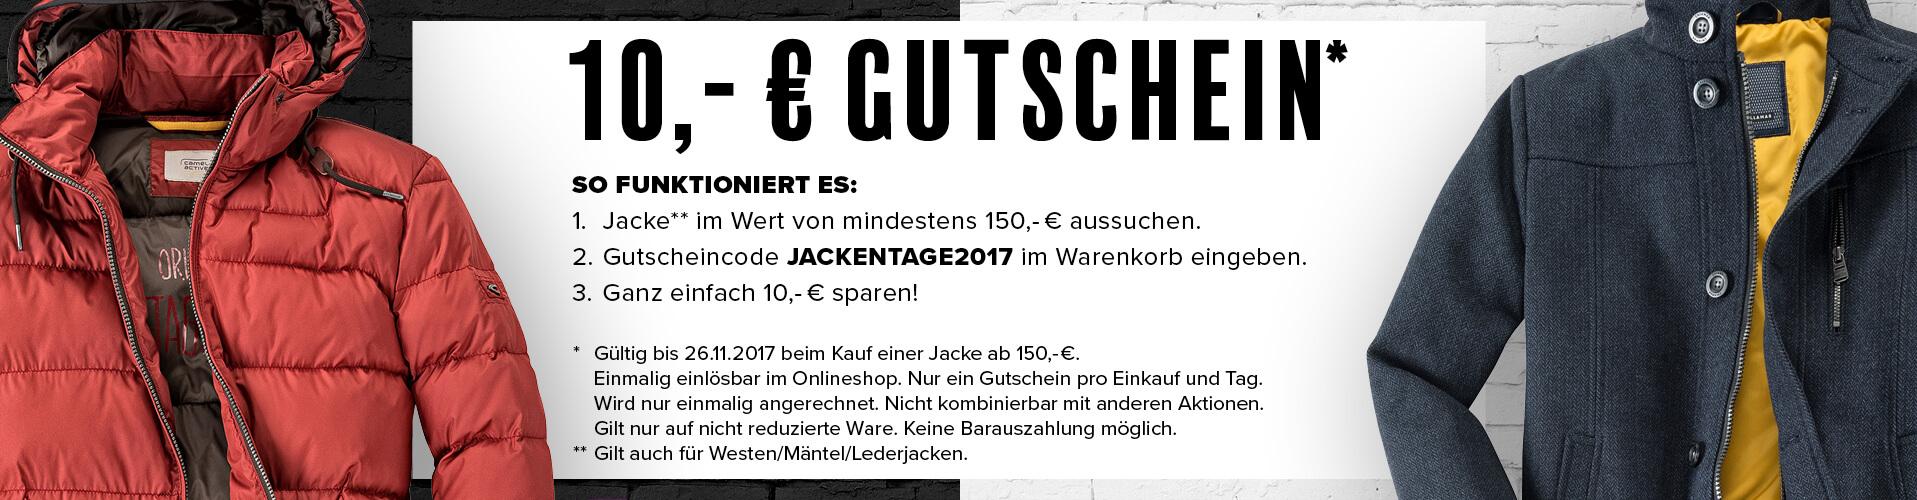 Jacken 10,- Euro Gutschein